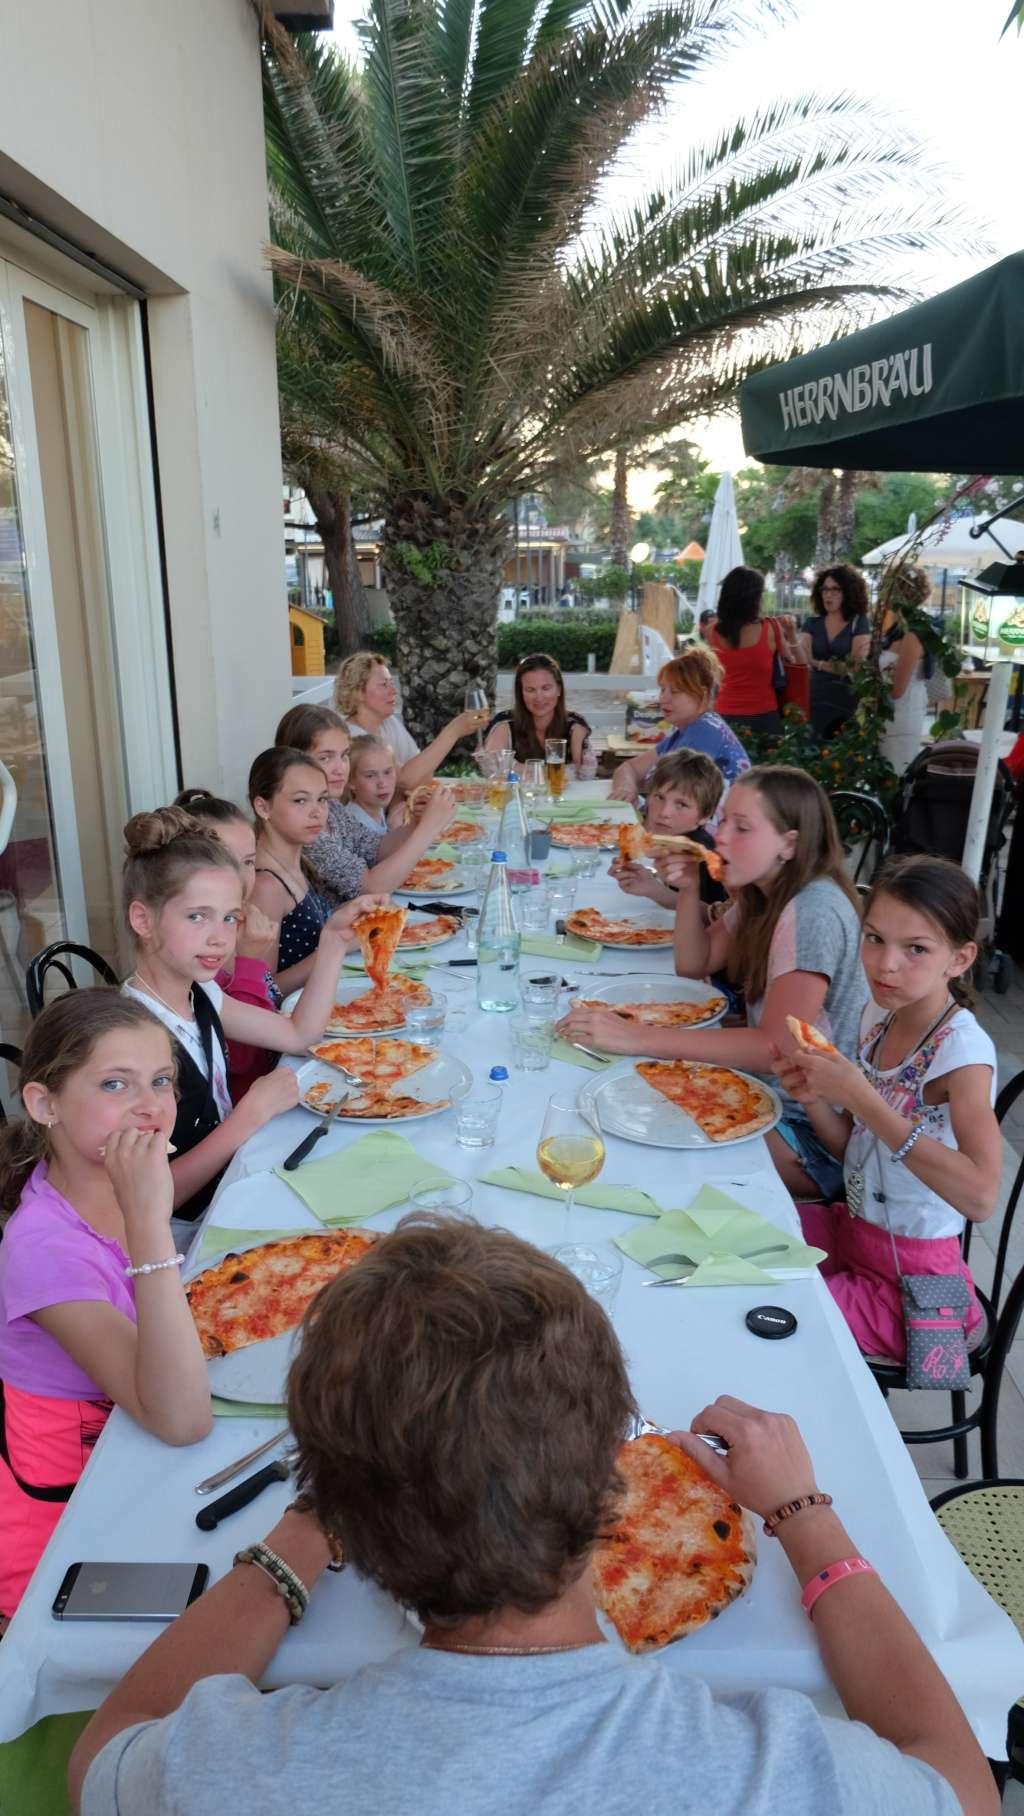 Summer Trophy 2015 (Italy) -   выступления и отдых - Страница 4 Dscf6425